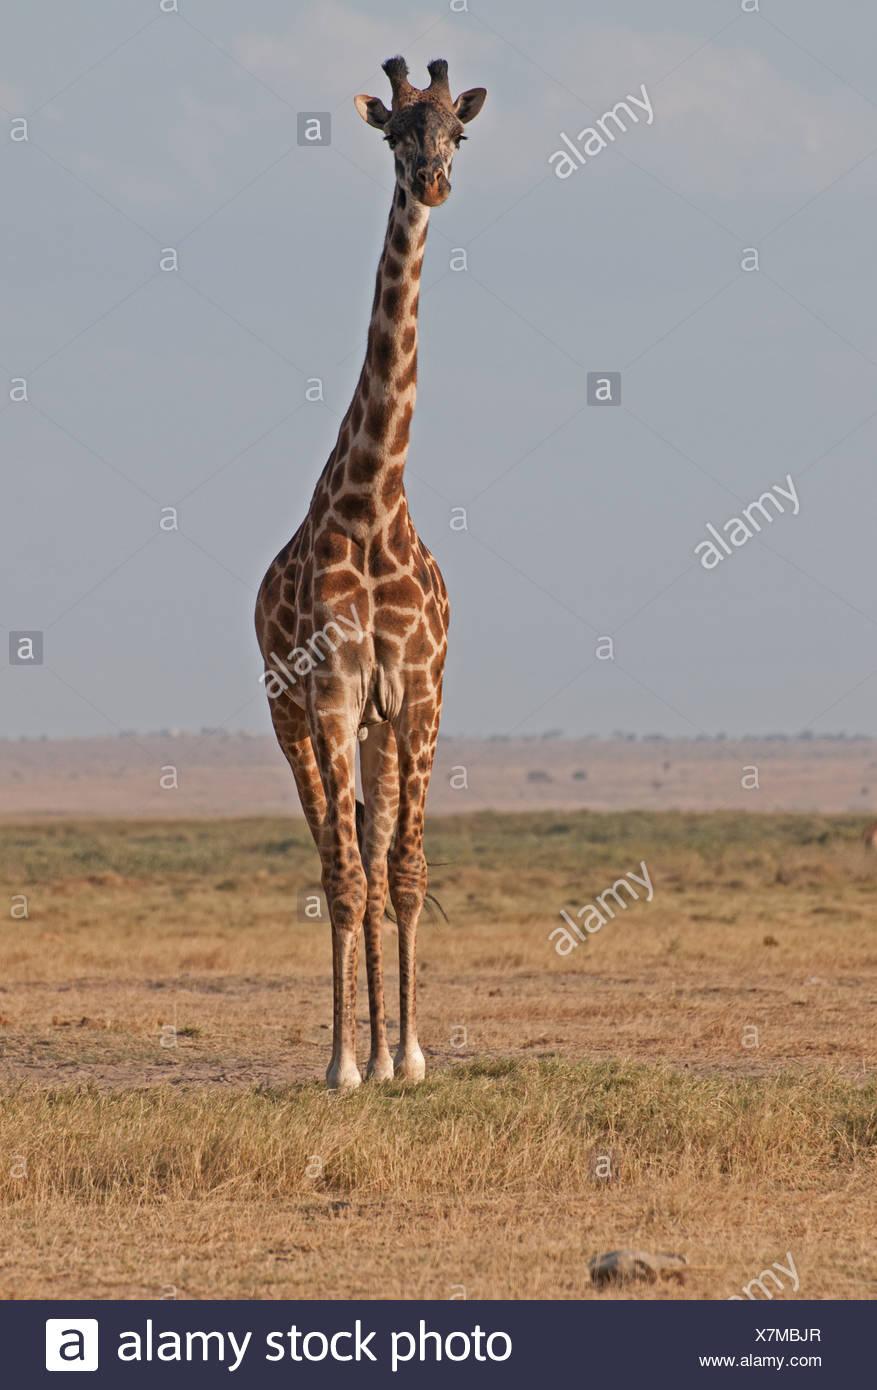 Girafe commun dans le Parc national Amboseli Kenya Afrique de l'Est Photo Stock